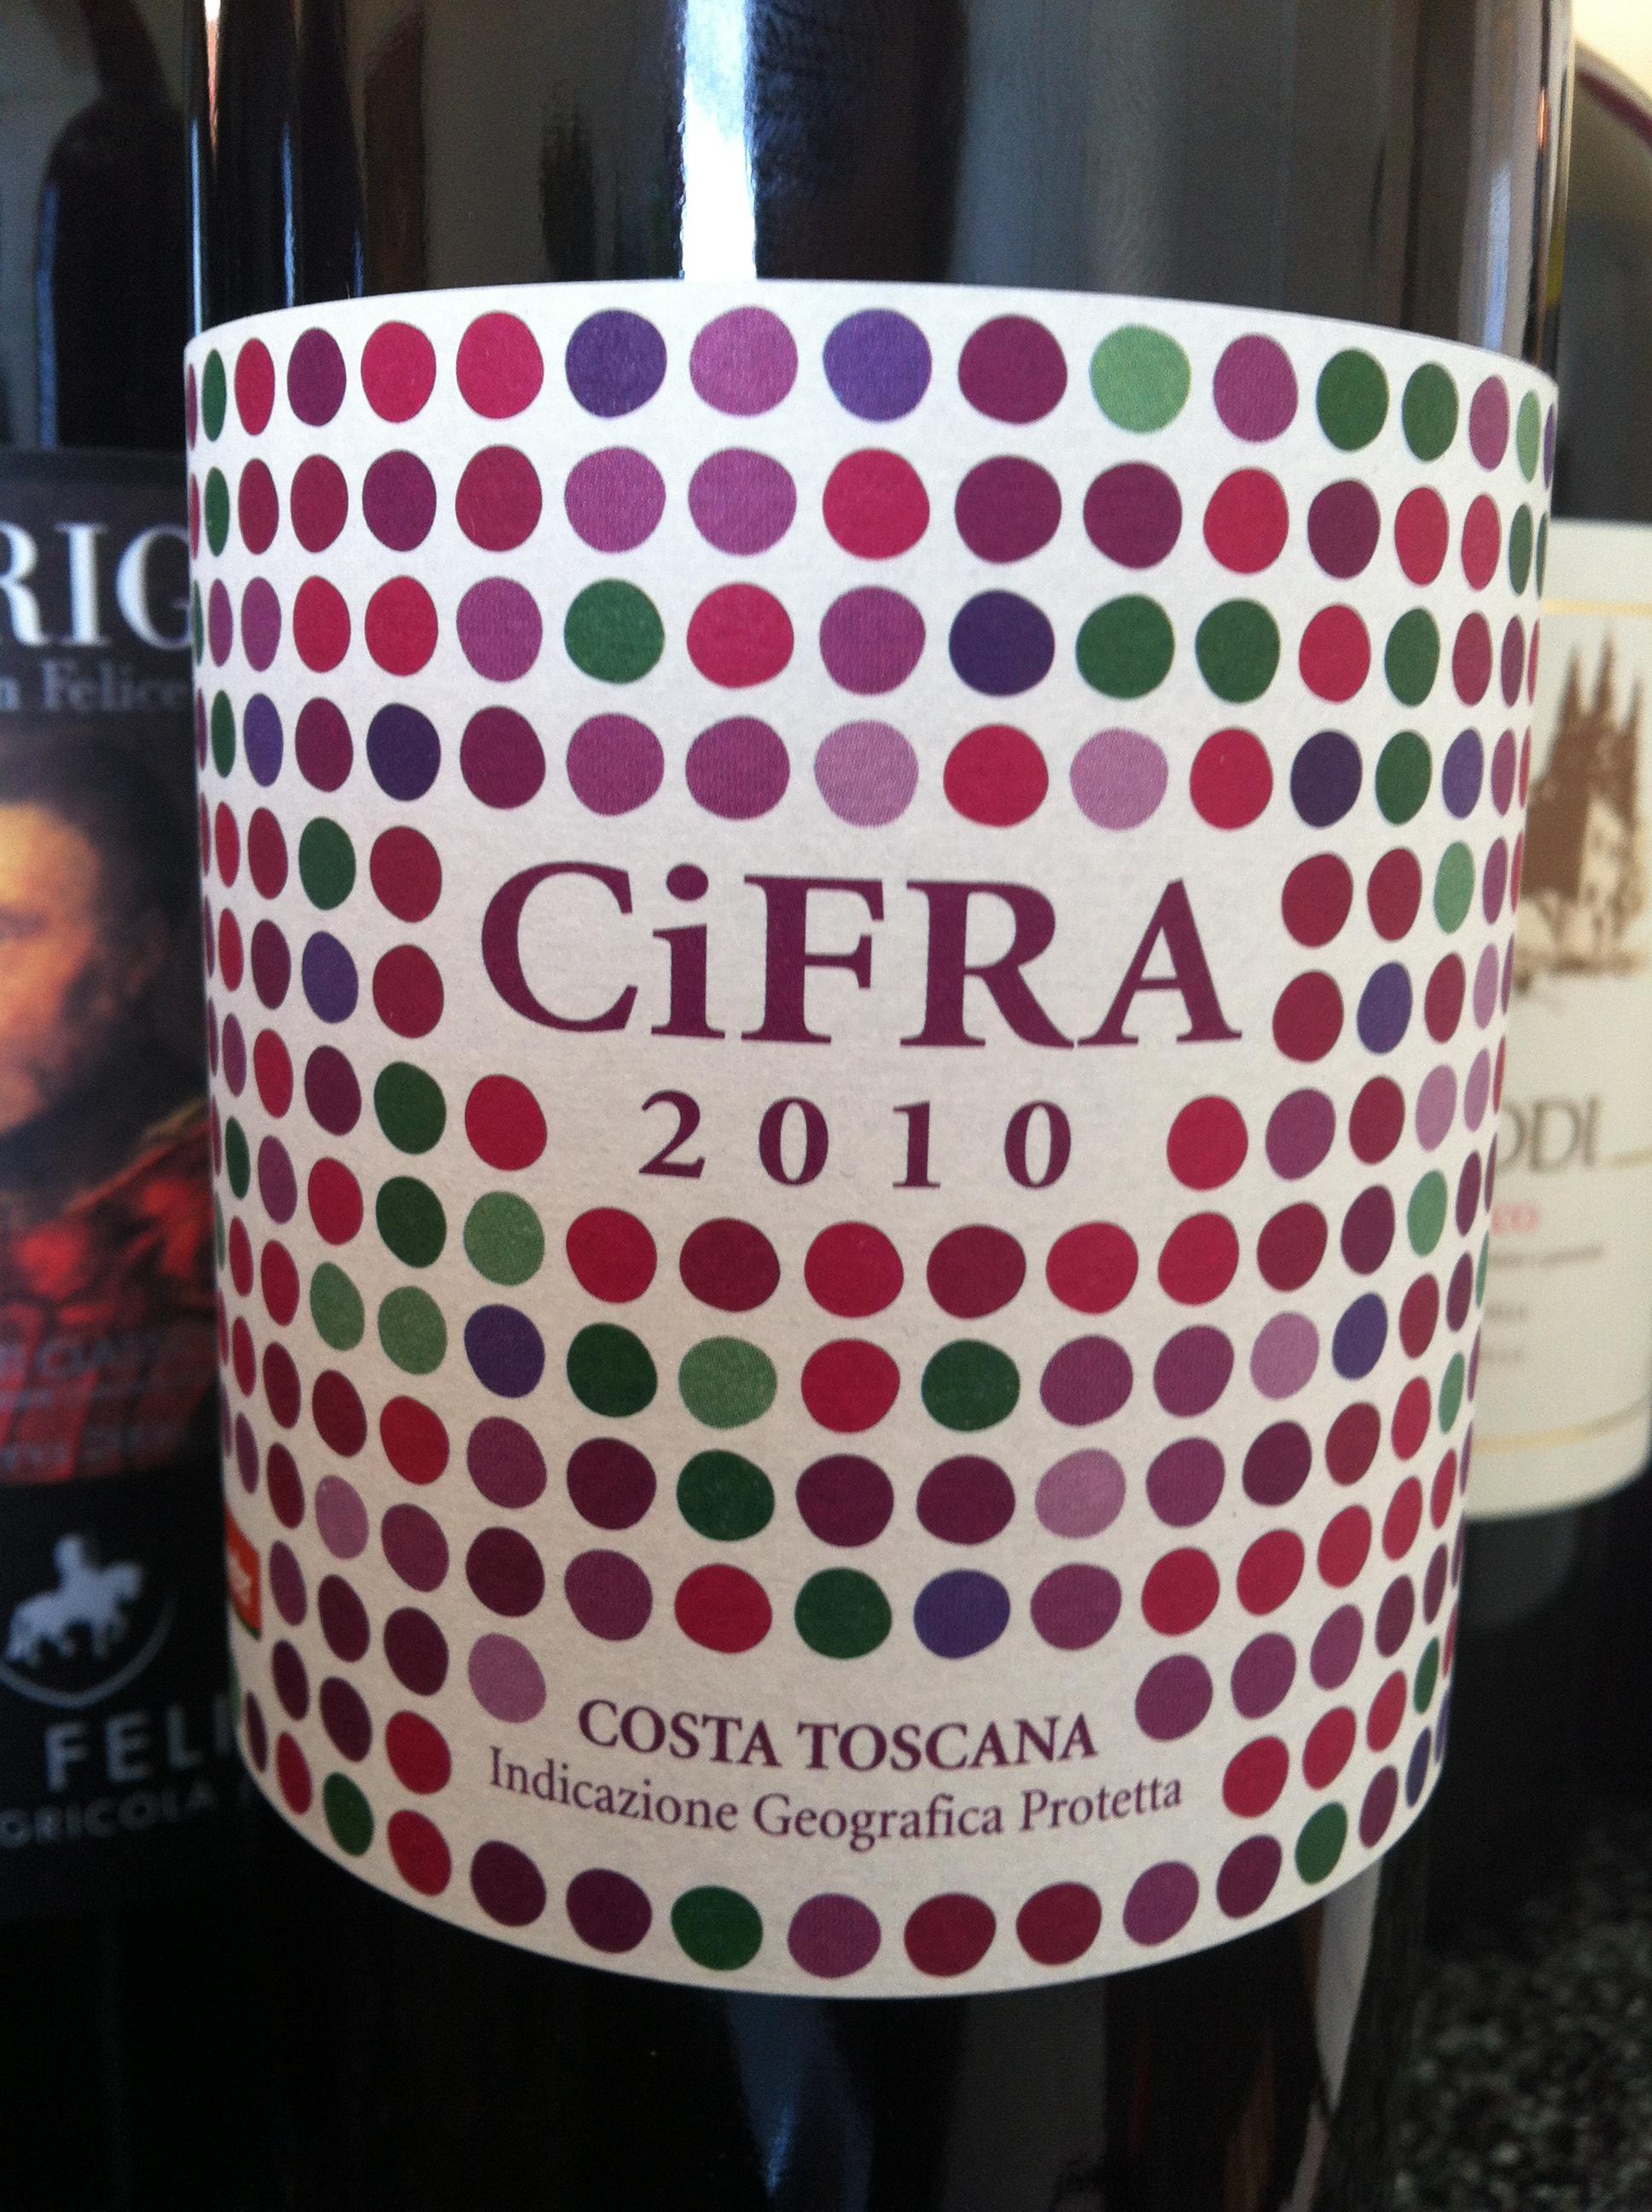 CiFRA, Costa Toscana Rosso, Indicazione Geografica Protetta ...